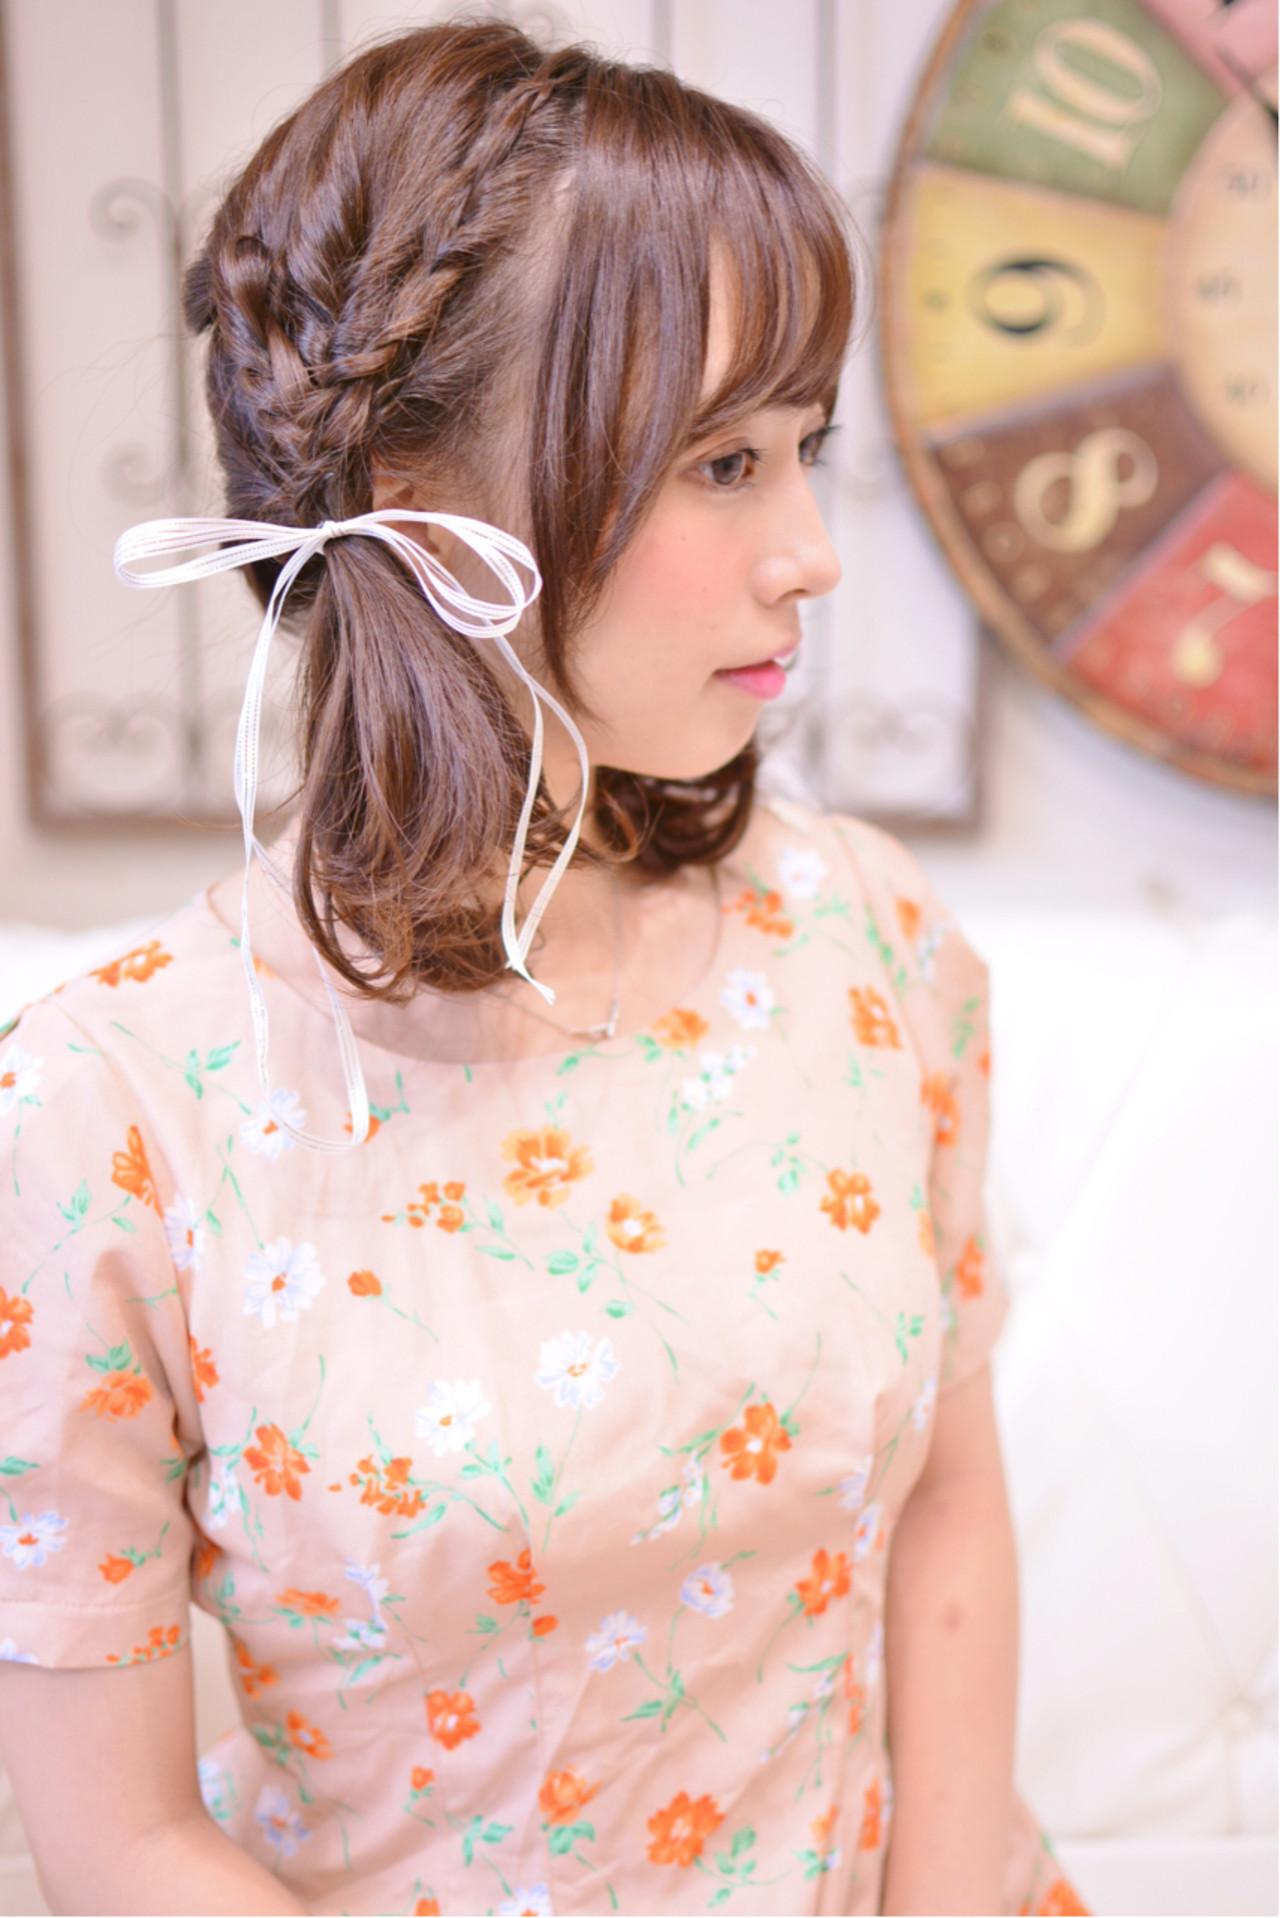 ツインテール ミディアム ヘアアレンジ ガーリー ヘアスタイルや髪型の写真・画像